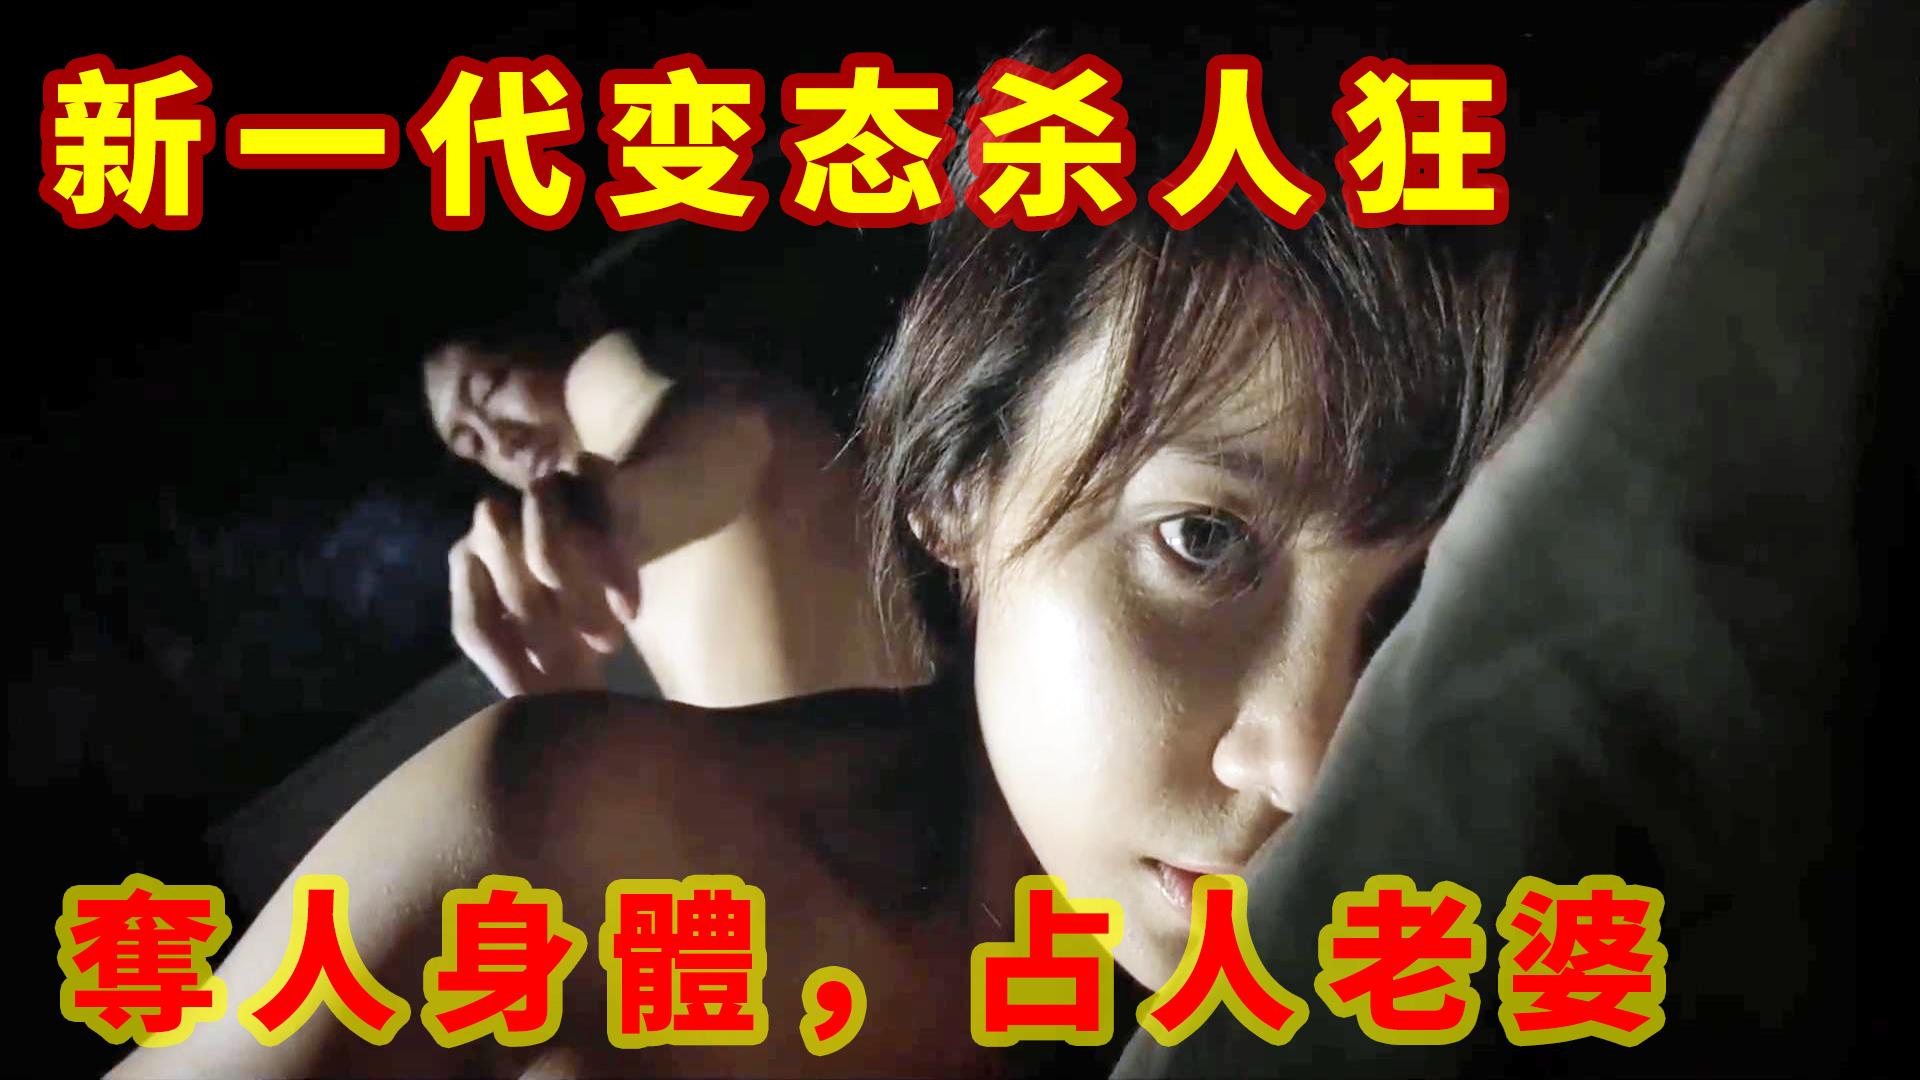 15年来,我看过的最好香港恐怖片,当港片开始变态跟疯狂反转,就没有人是对手了《第一诫》